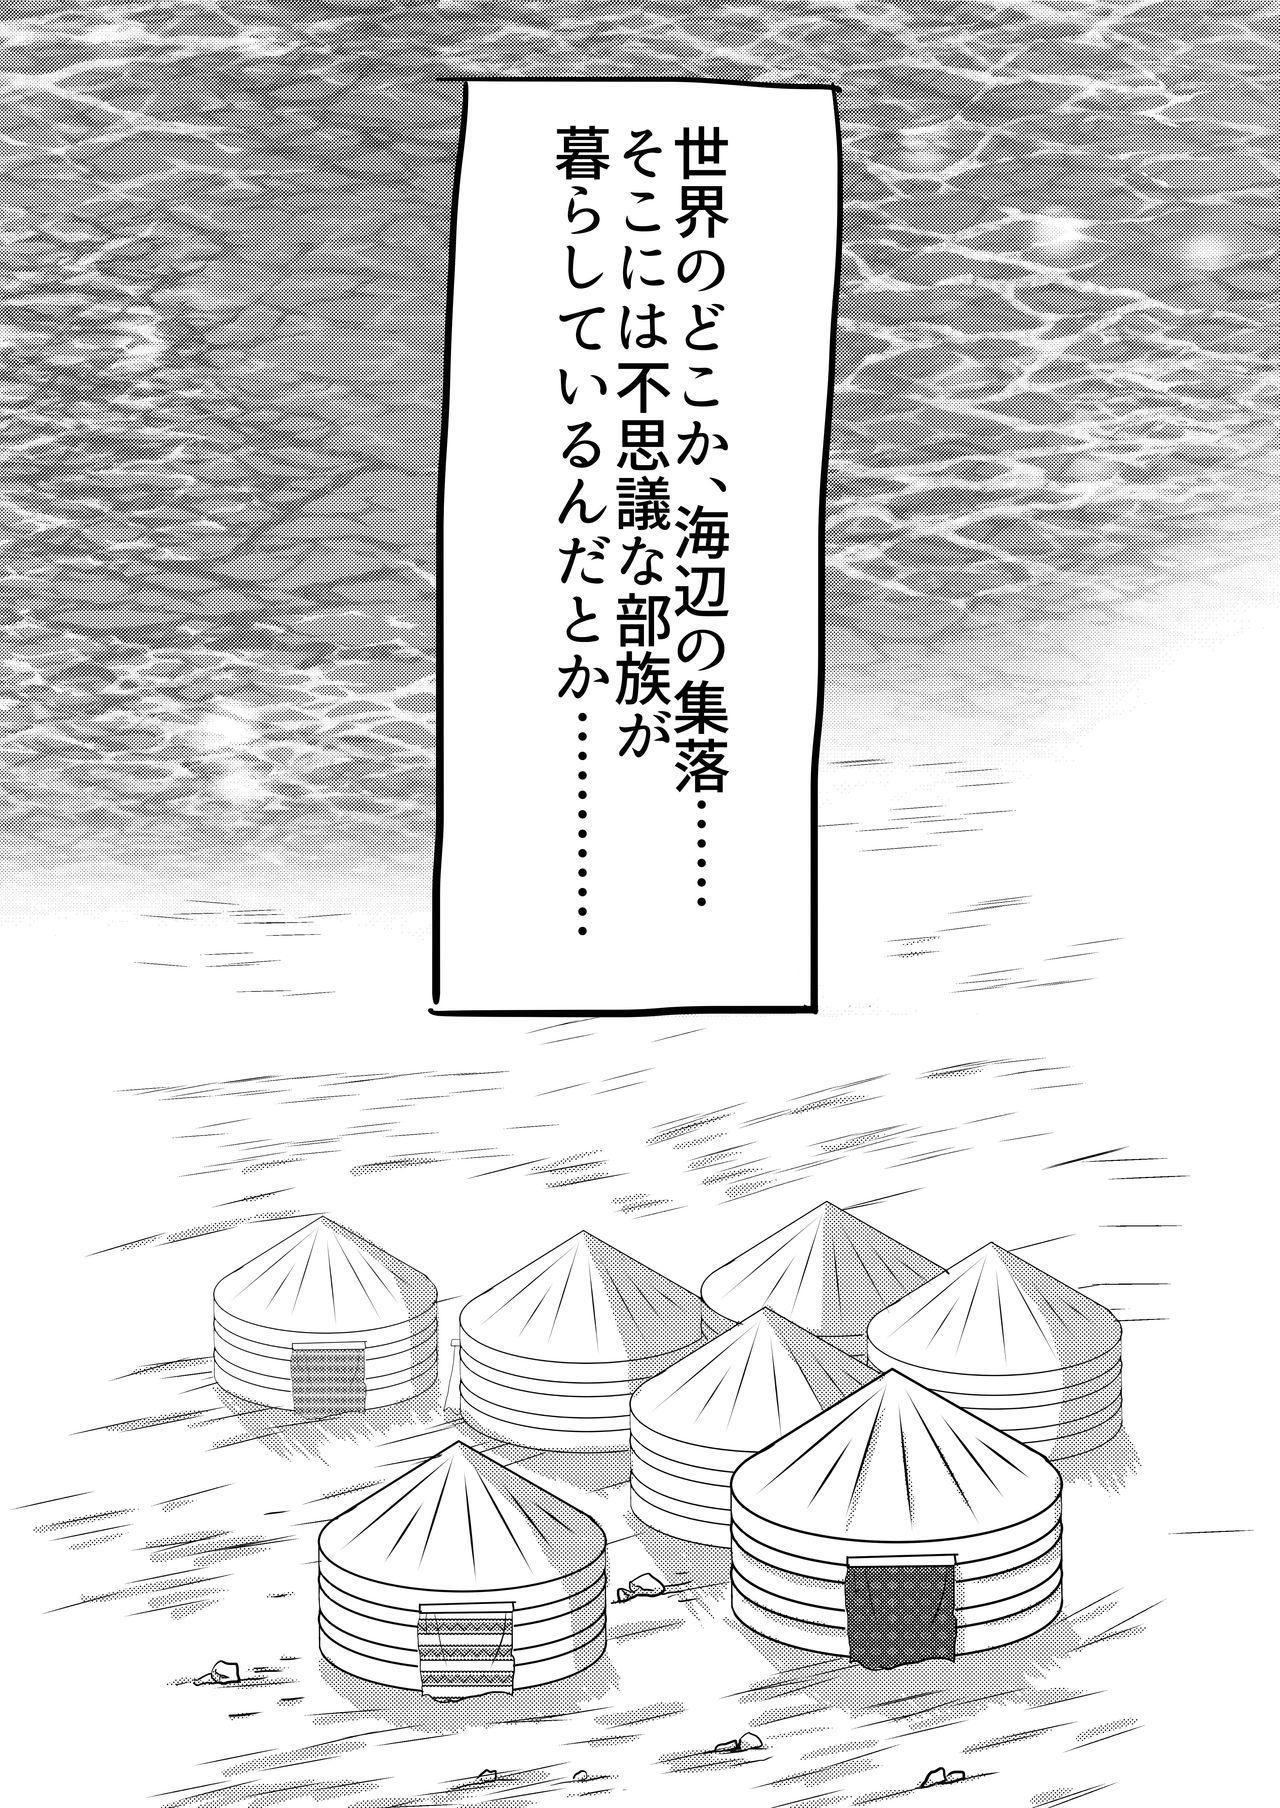 Hira-zoku no Hanashi 2